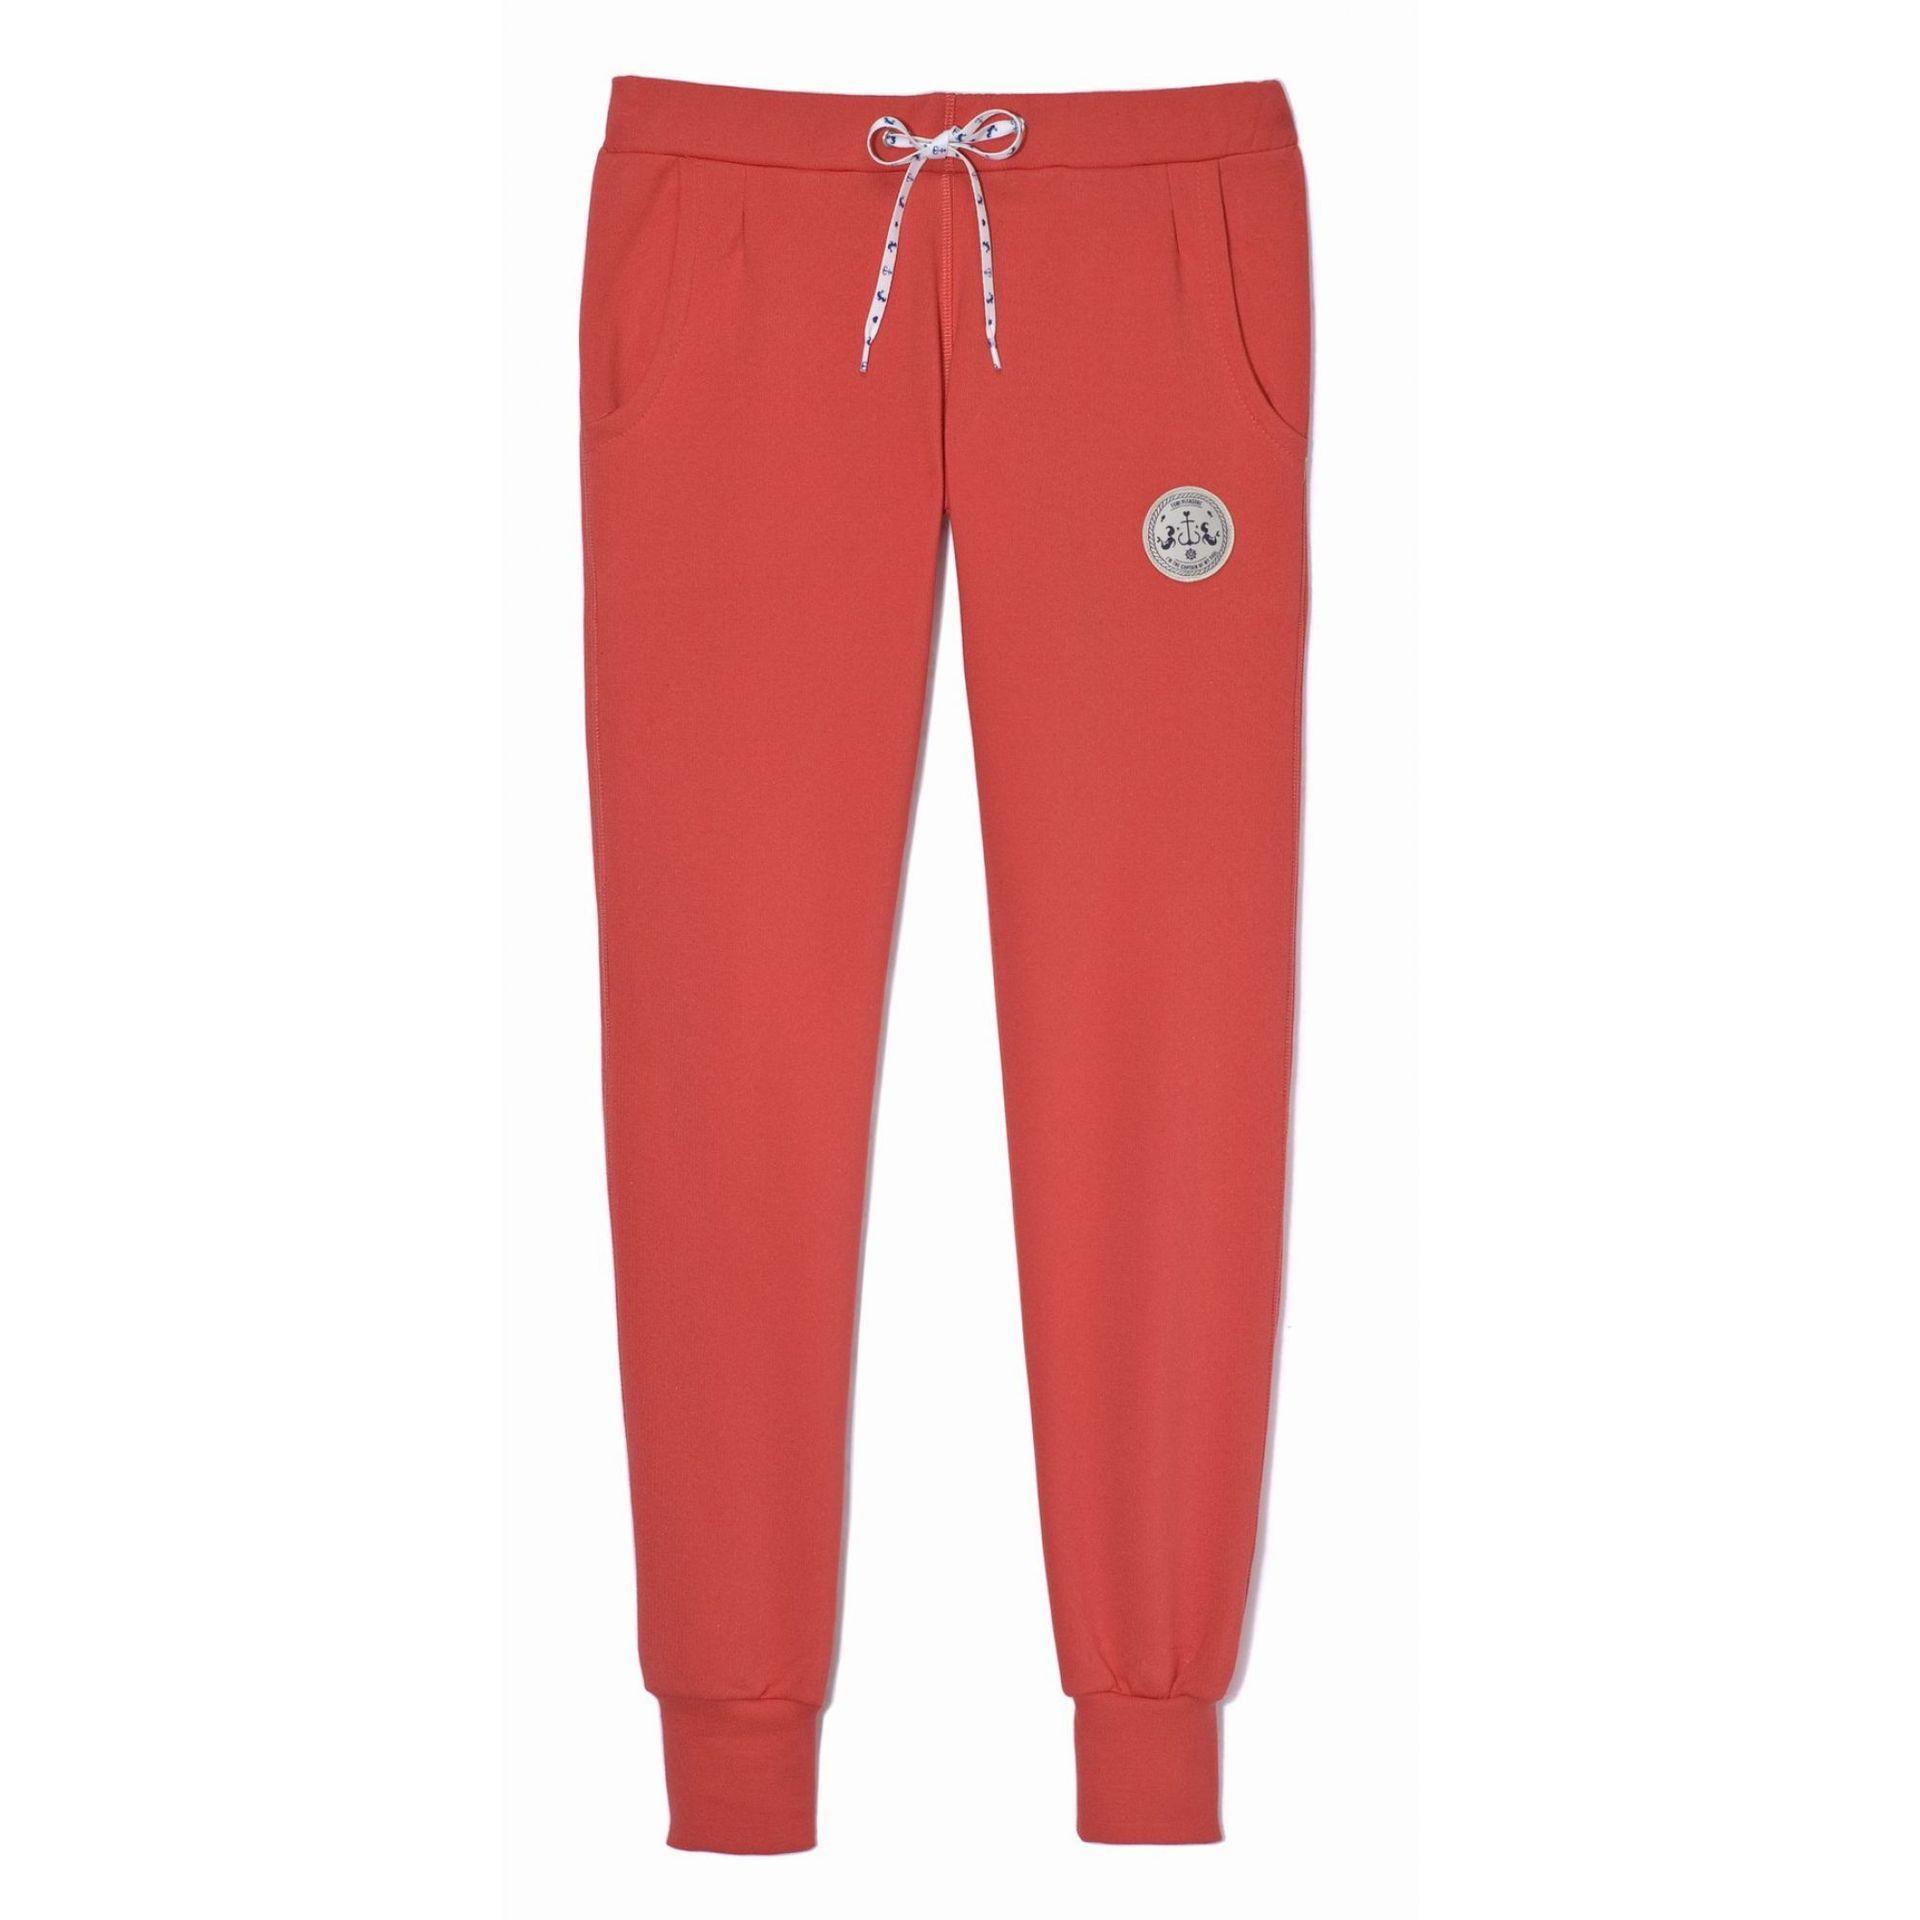 Spodnie Femi Pleasure Rhodos czerwone